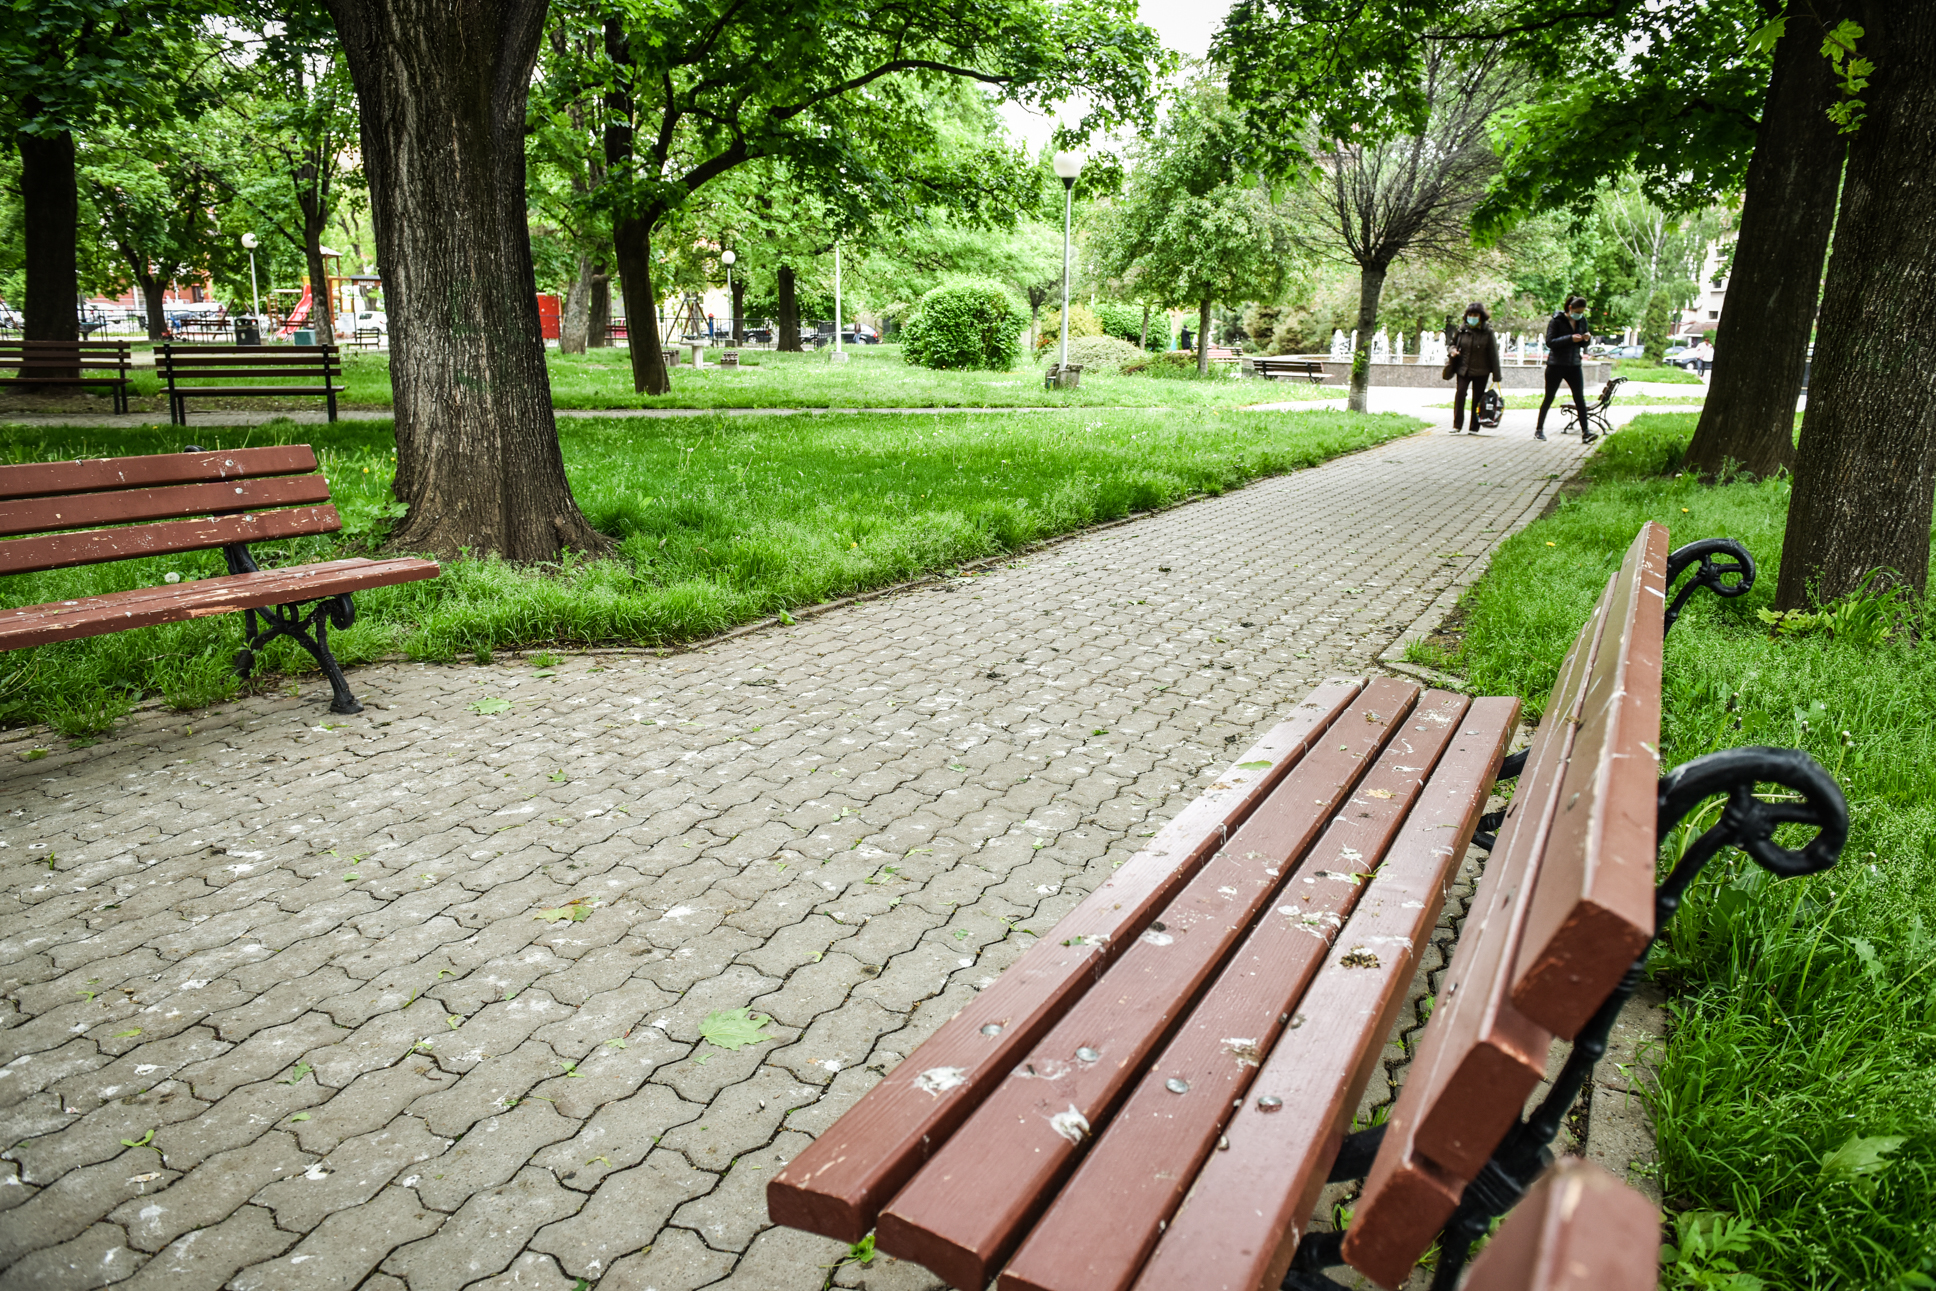 Primăria Sibiu a rămas fără soluții în fața ciorilor. Sibienii sunt nemulțumiți, vor fapte, nu hârtii